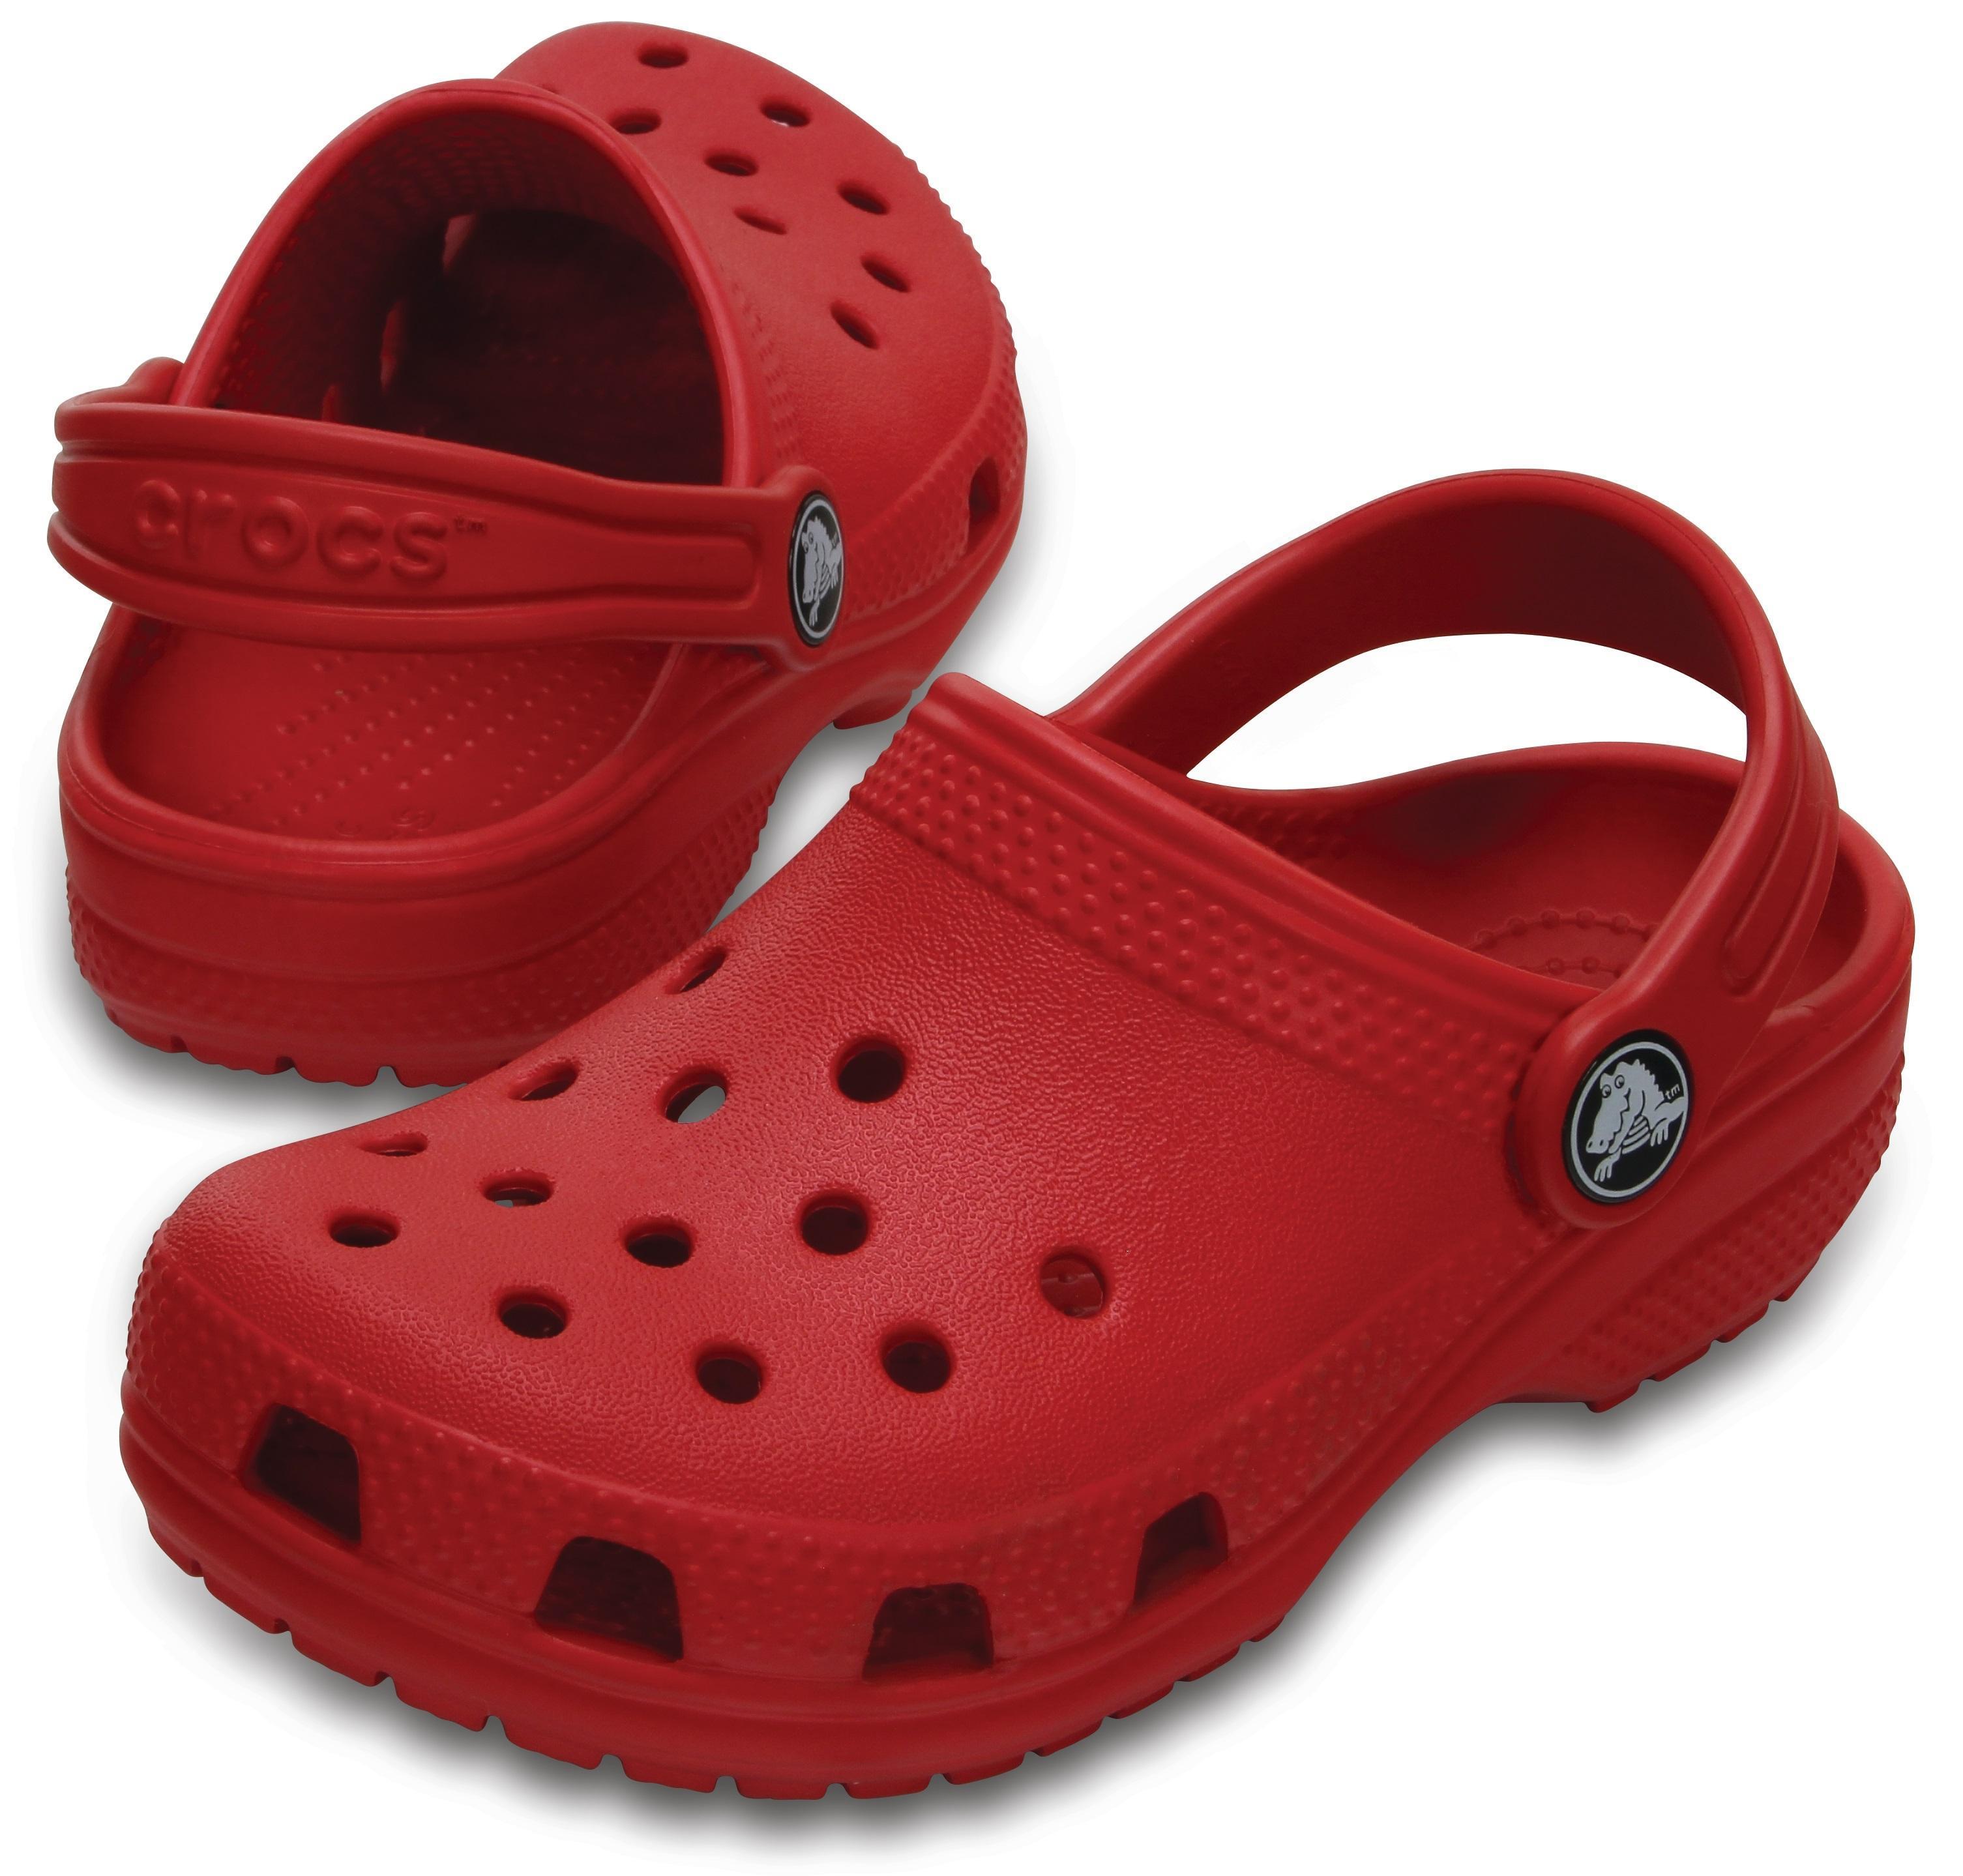 Crocs Classic Clog  Kırmızı Çocuk Terlik  Cr0383-6En